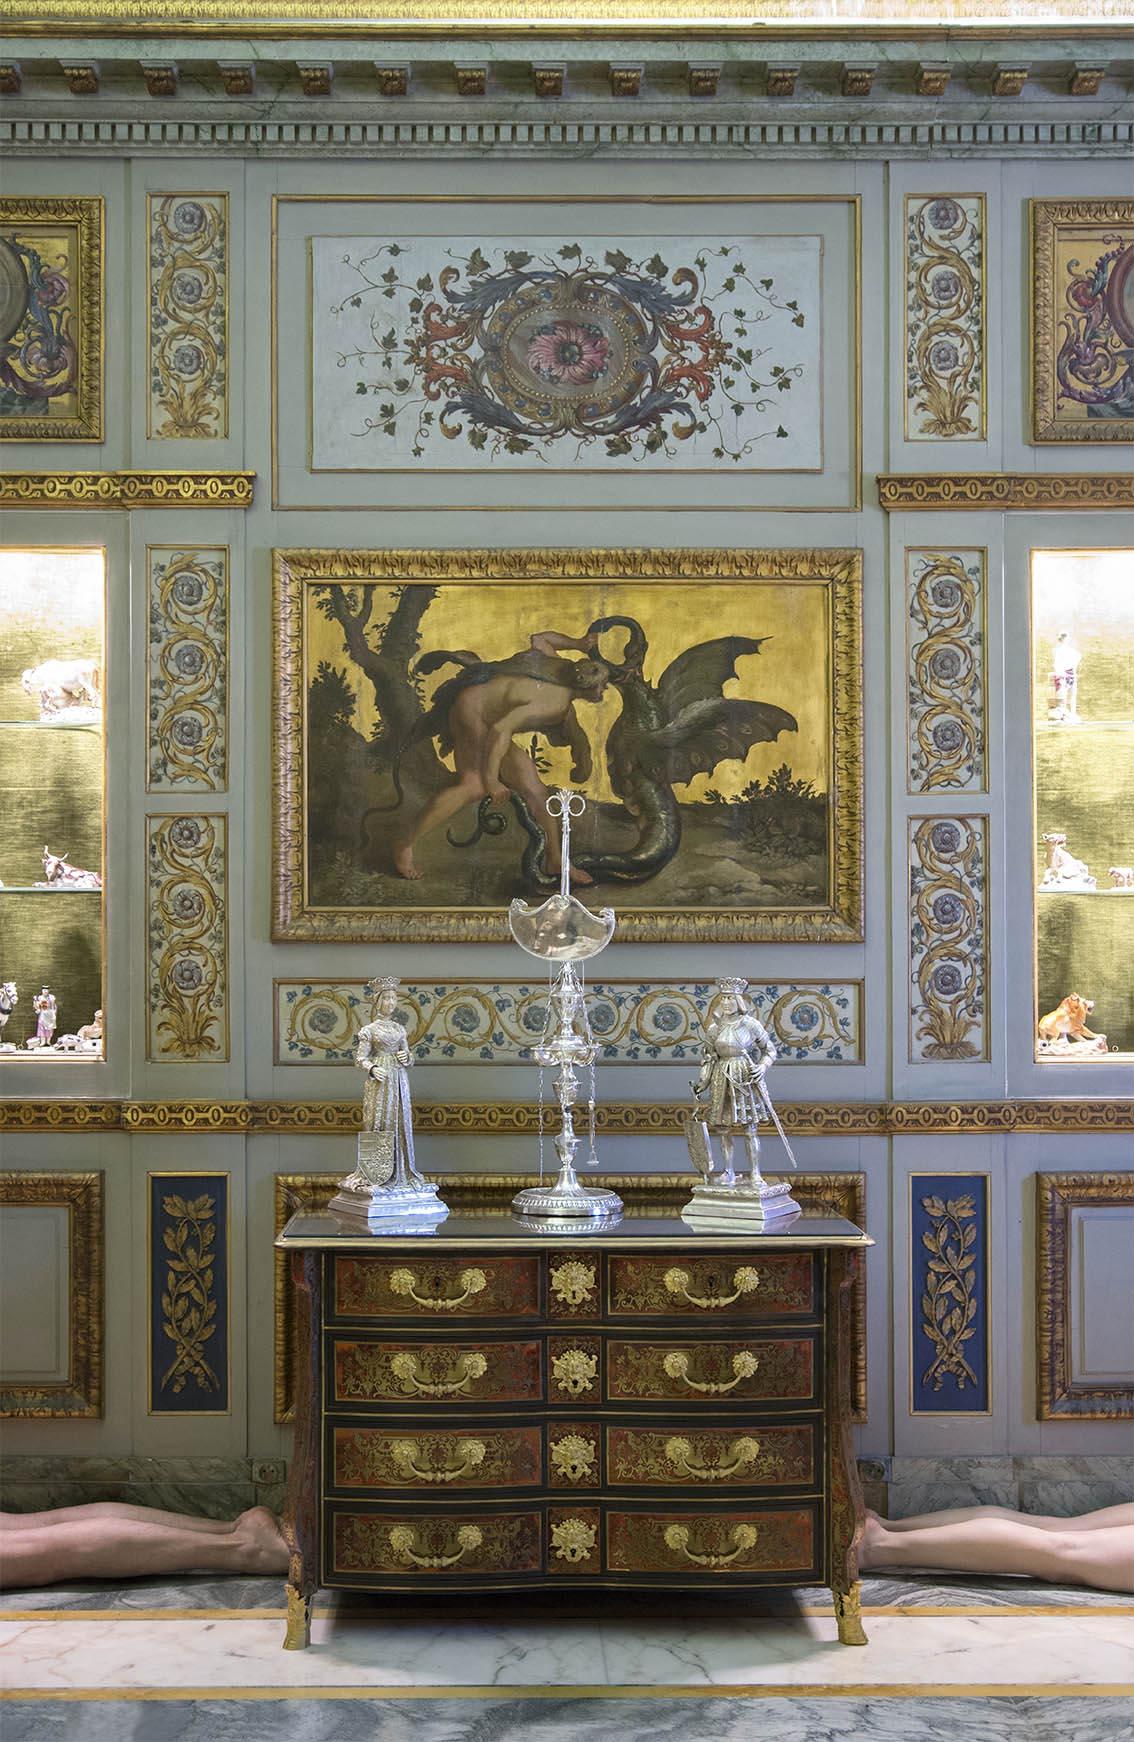 Commode Mazarine en marqueterie Boulle d'époque Louis XIV, Carole, paire de statuettes en argent et ivoire sculpté comprenant Philippe Le Beau et la Reine Jeanne La Folle, Alexandre. Palais Princier de Monaco. 2018